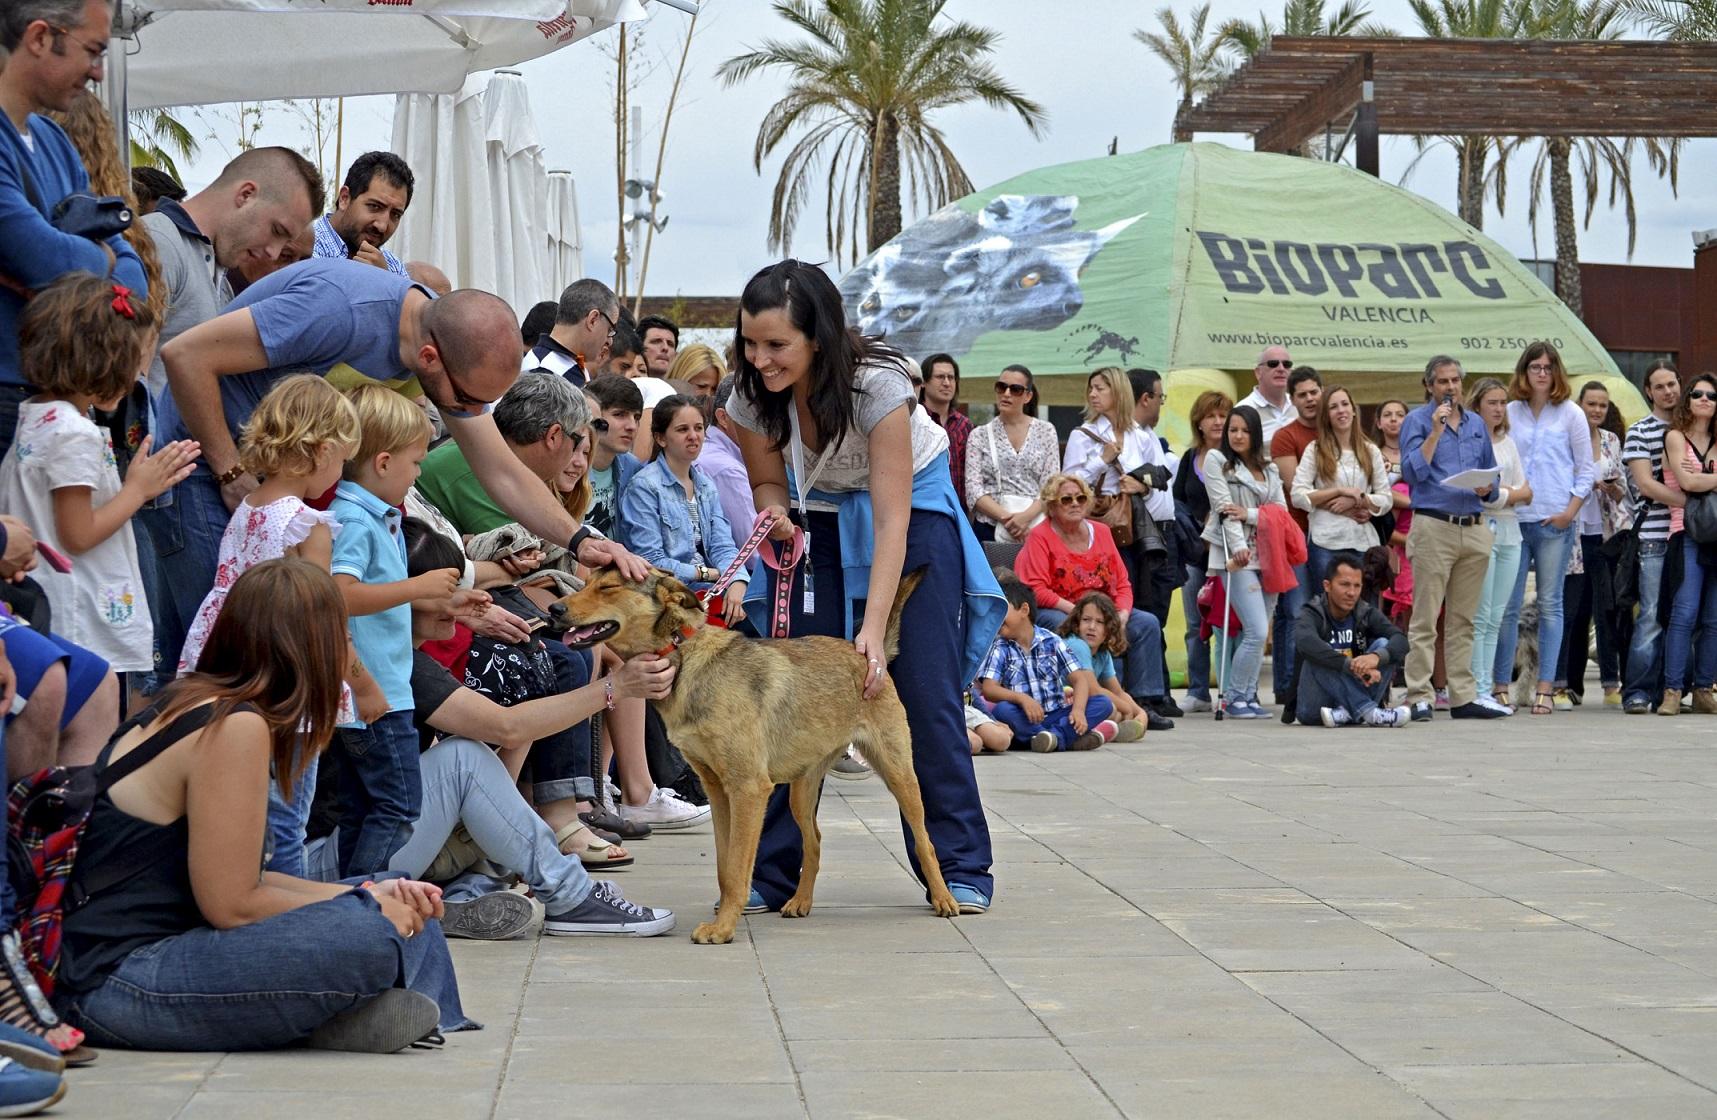 Bioparc-Valencia-4º-desfile-solidario-de-perros-abandonados-18-05-14